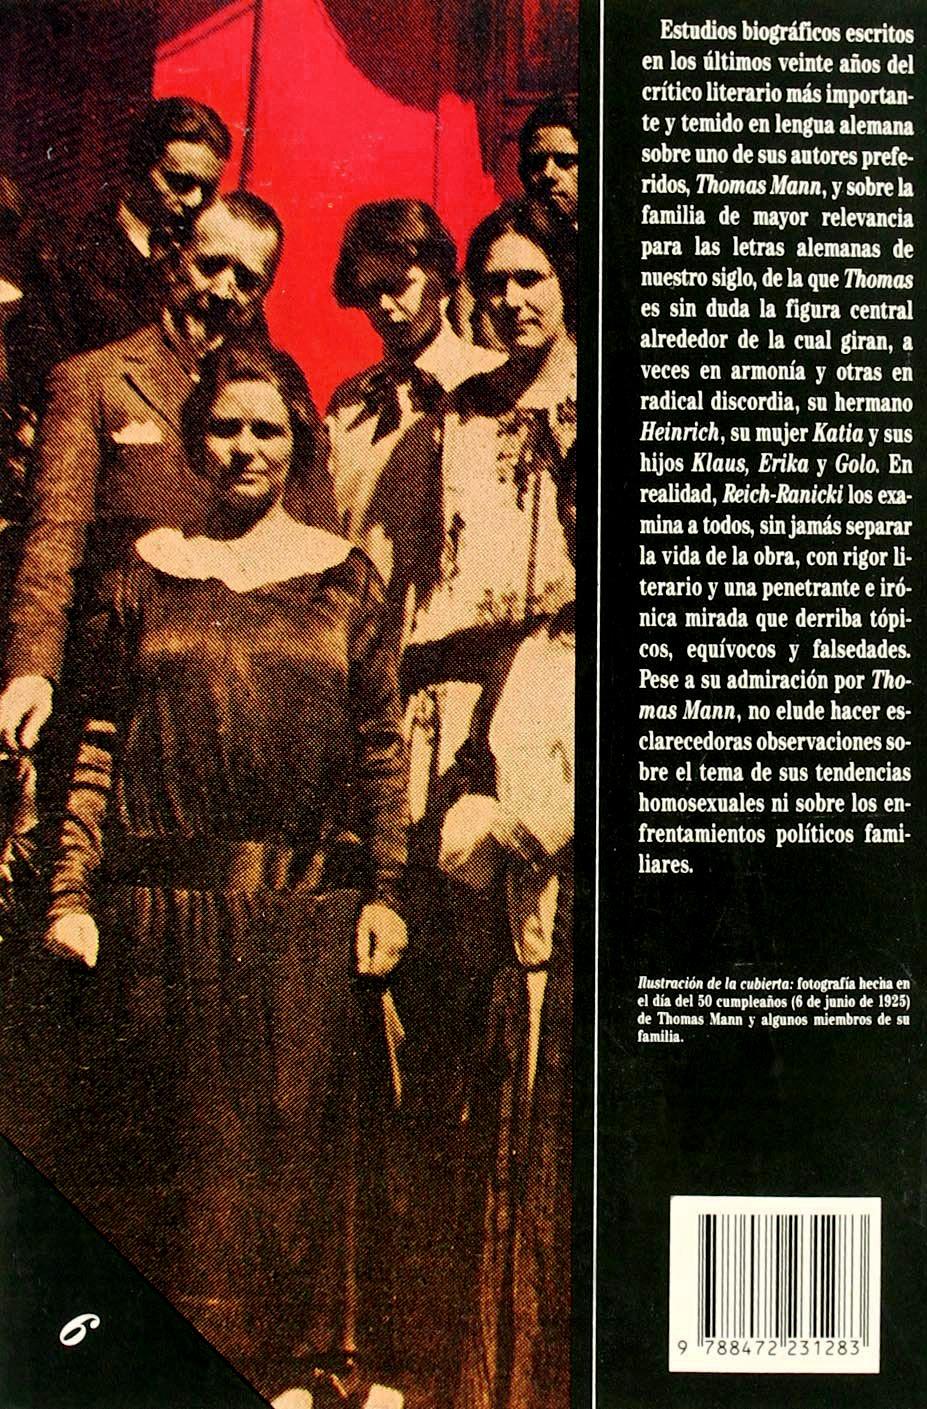 """Contraportada del libro """"Thomas Mann y los suyos"""""""